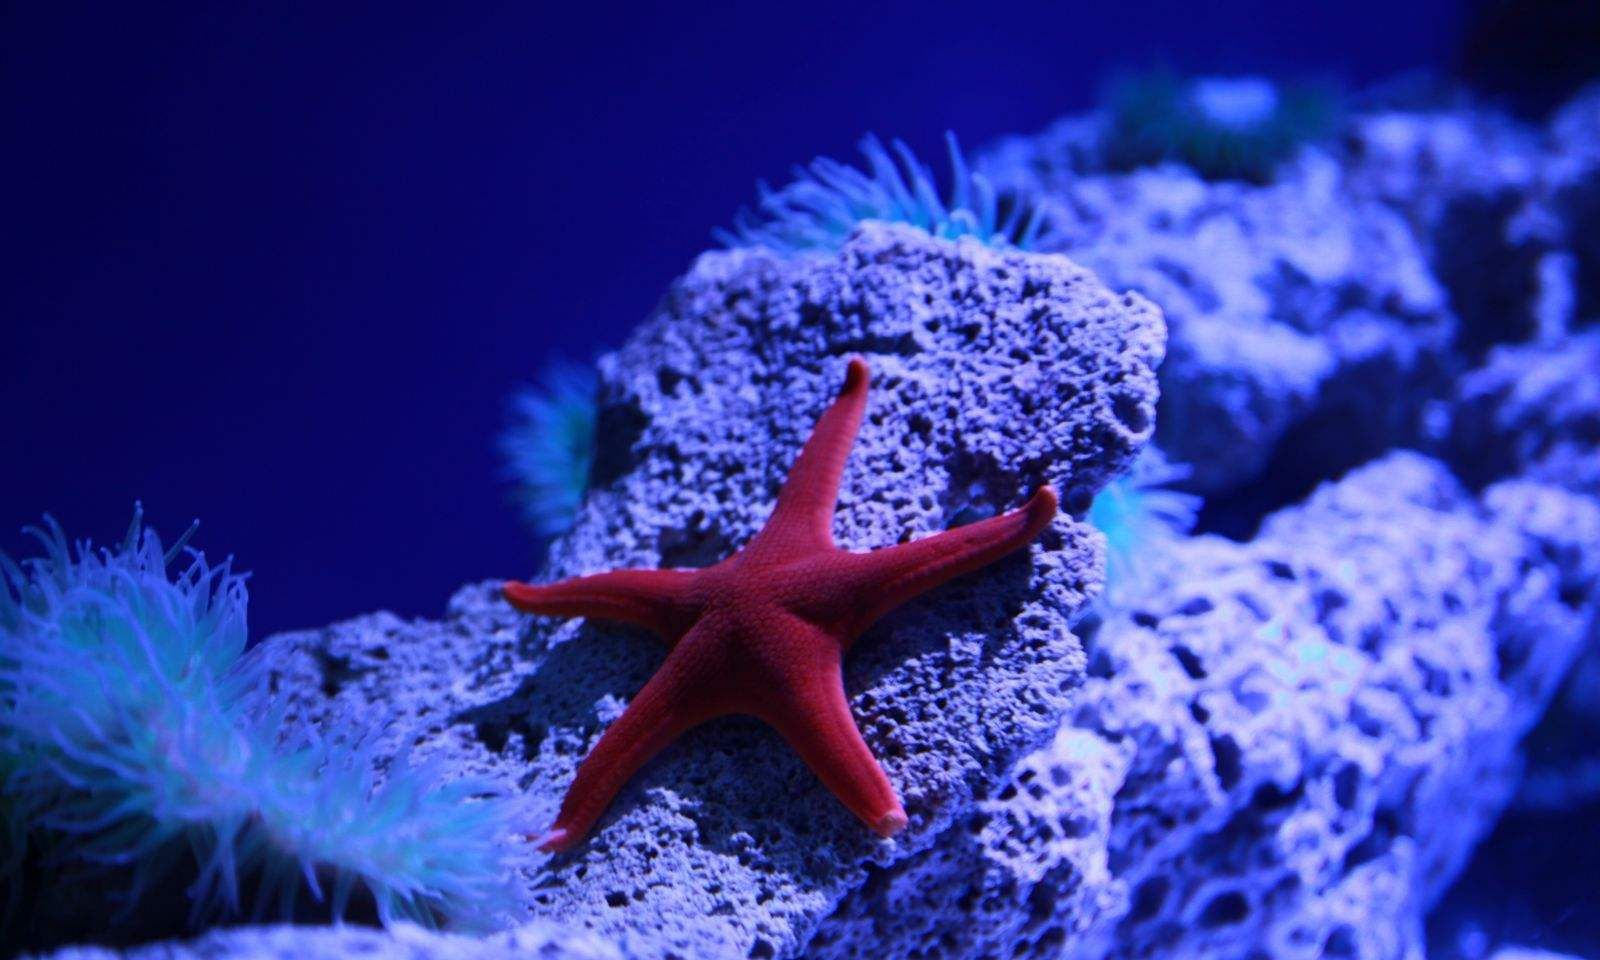 海底10000米,没有阳光,那些动物都靠什么生存?图片